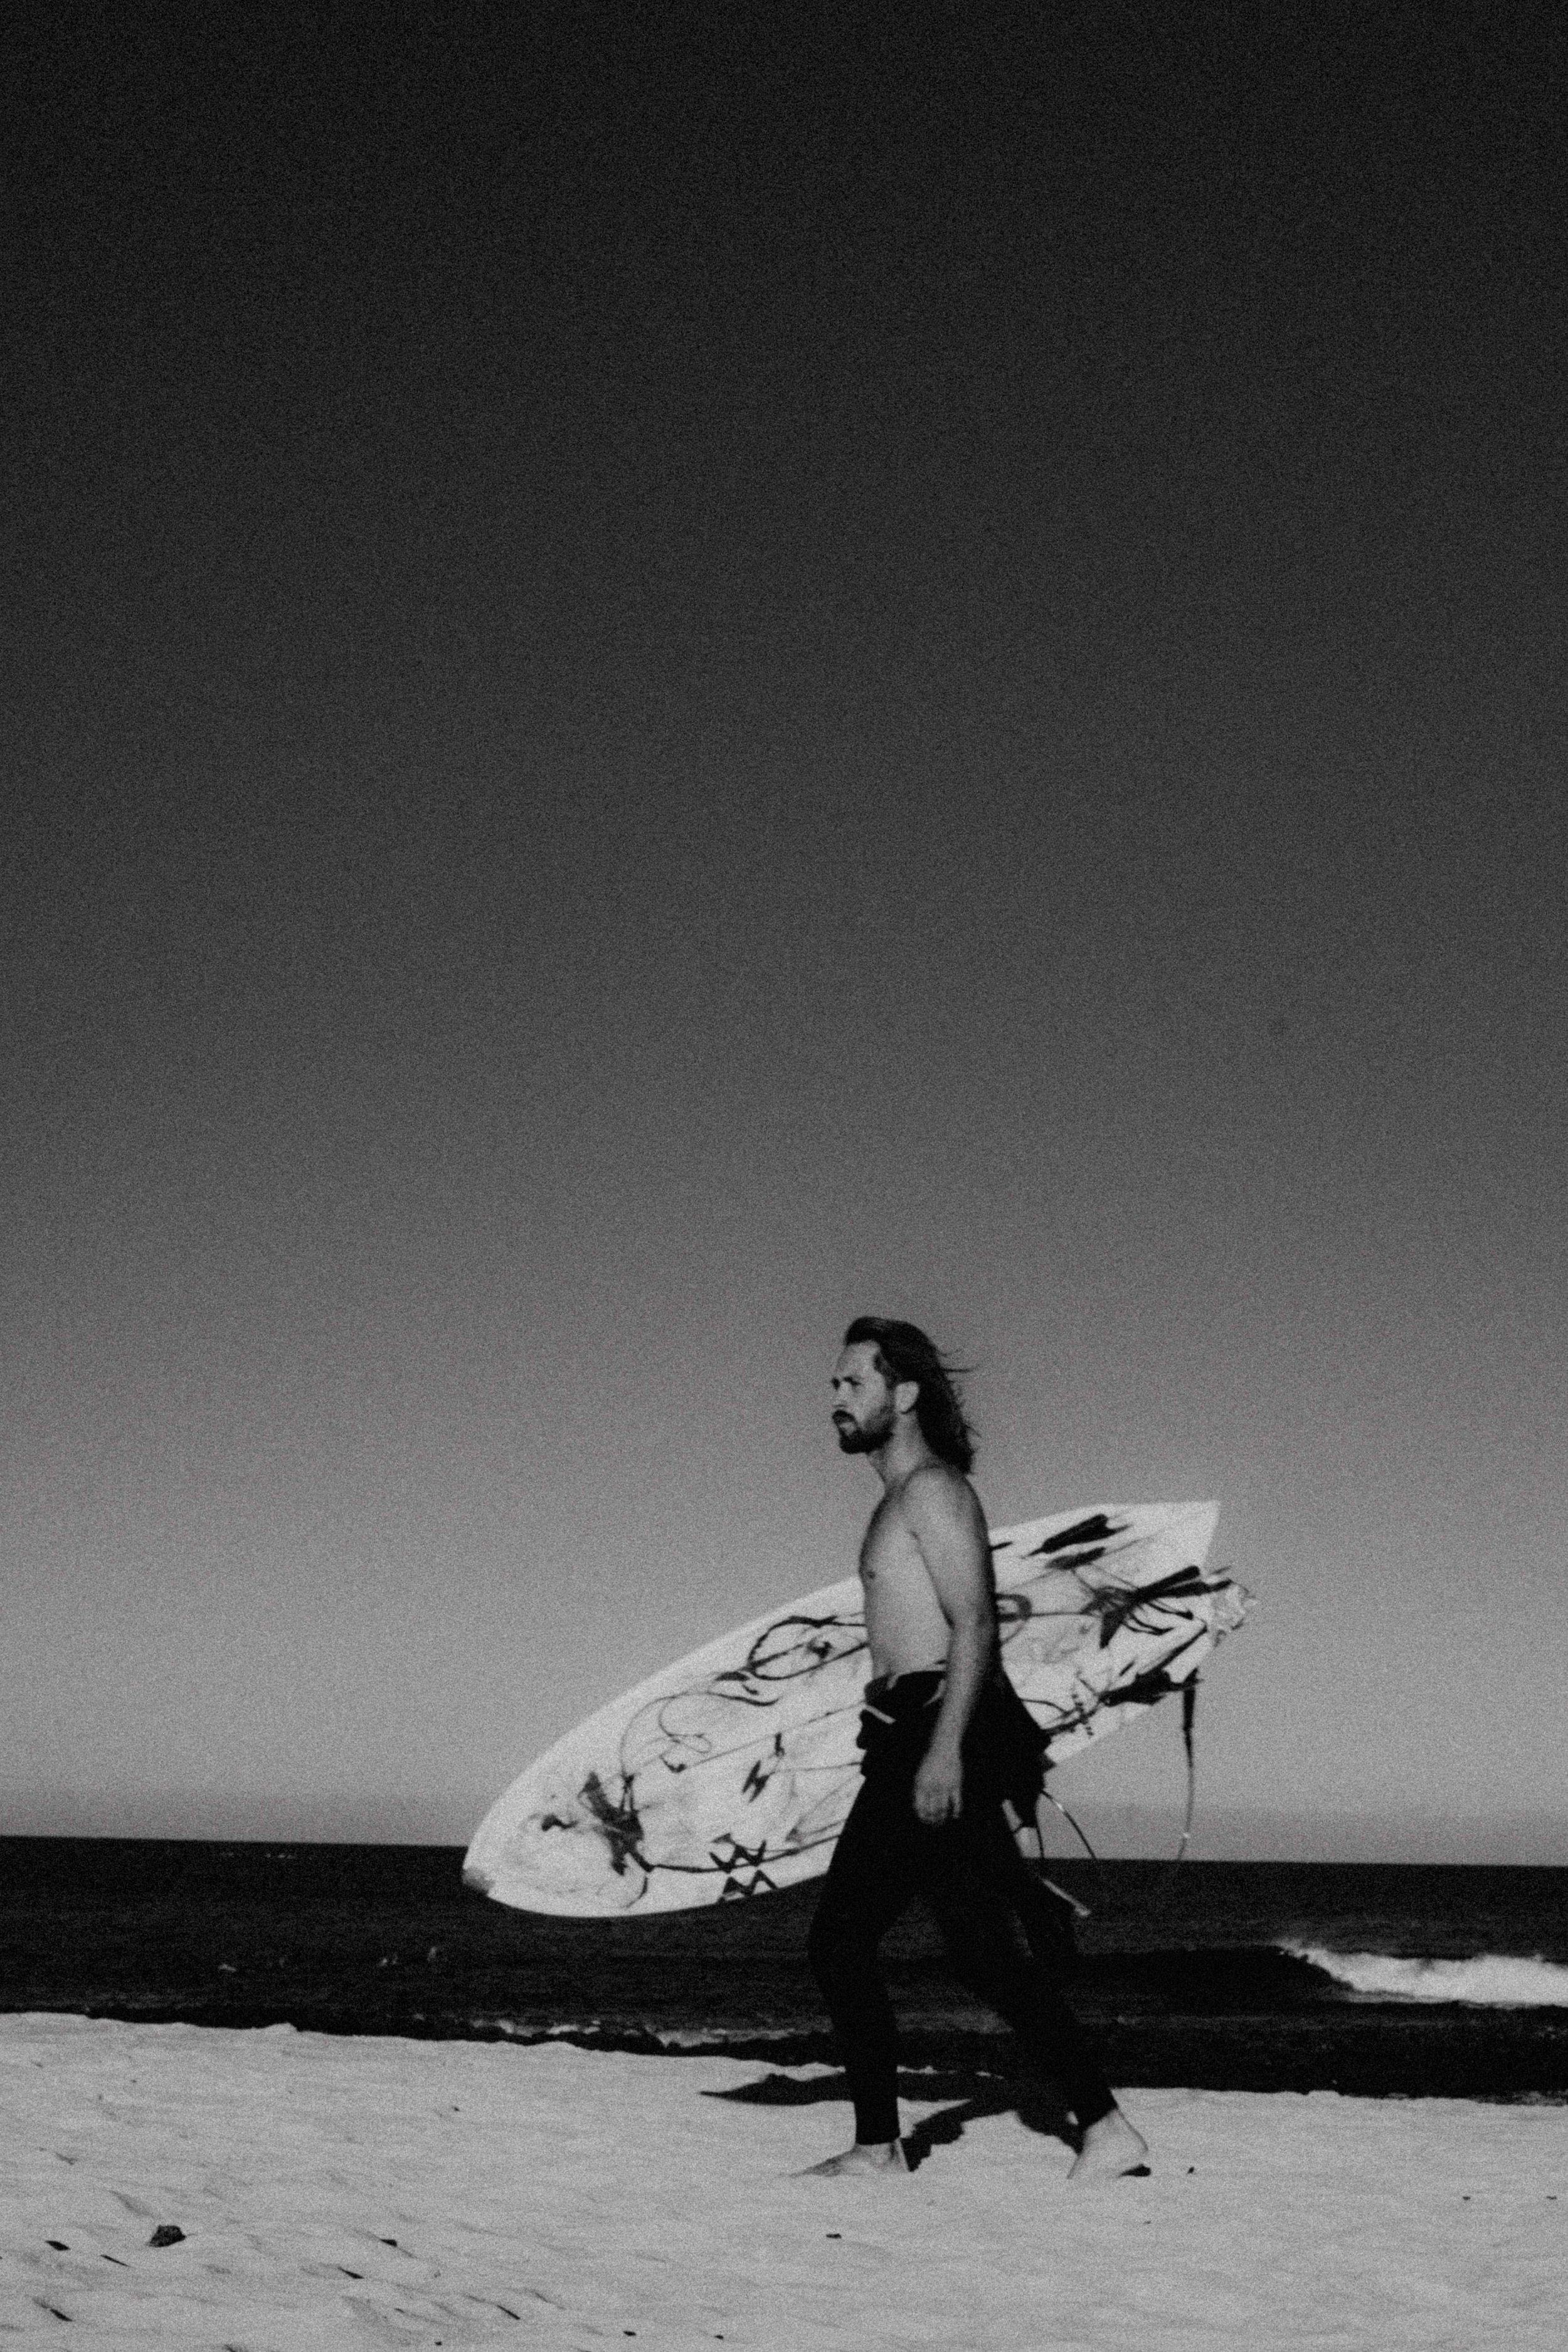 erik_winter_surf_surfing_1022.jpg